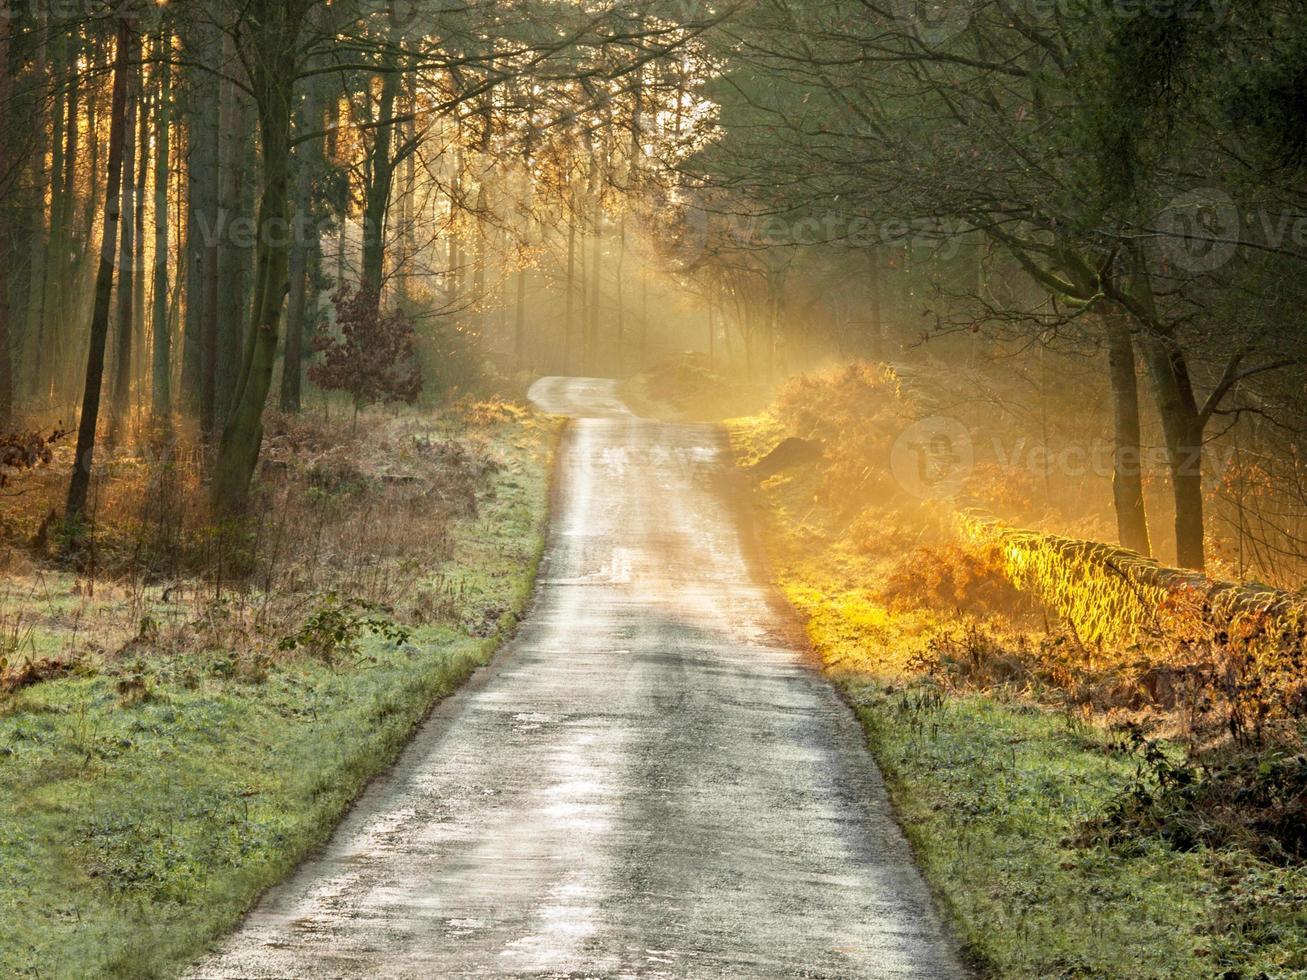 Der Weg nach Hause foto